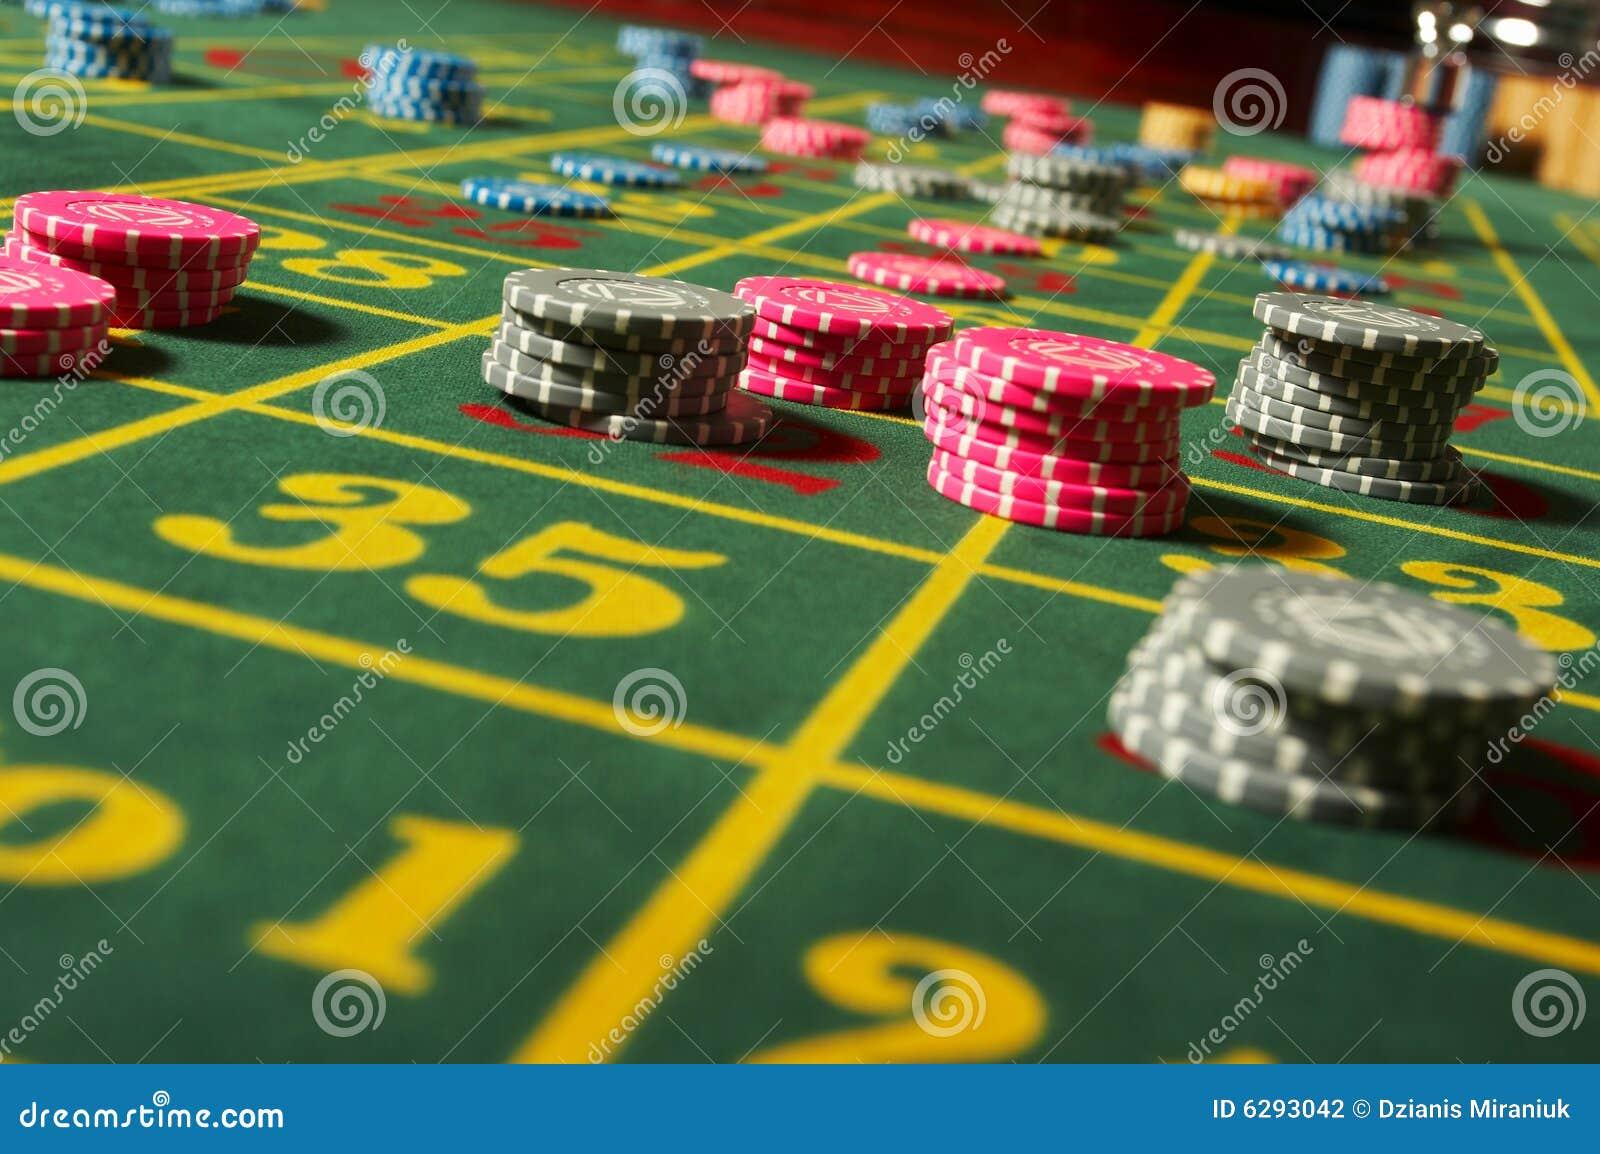 online casino erfahrungen european roulette online